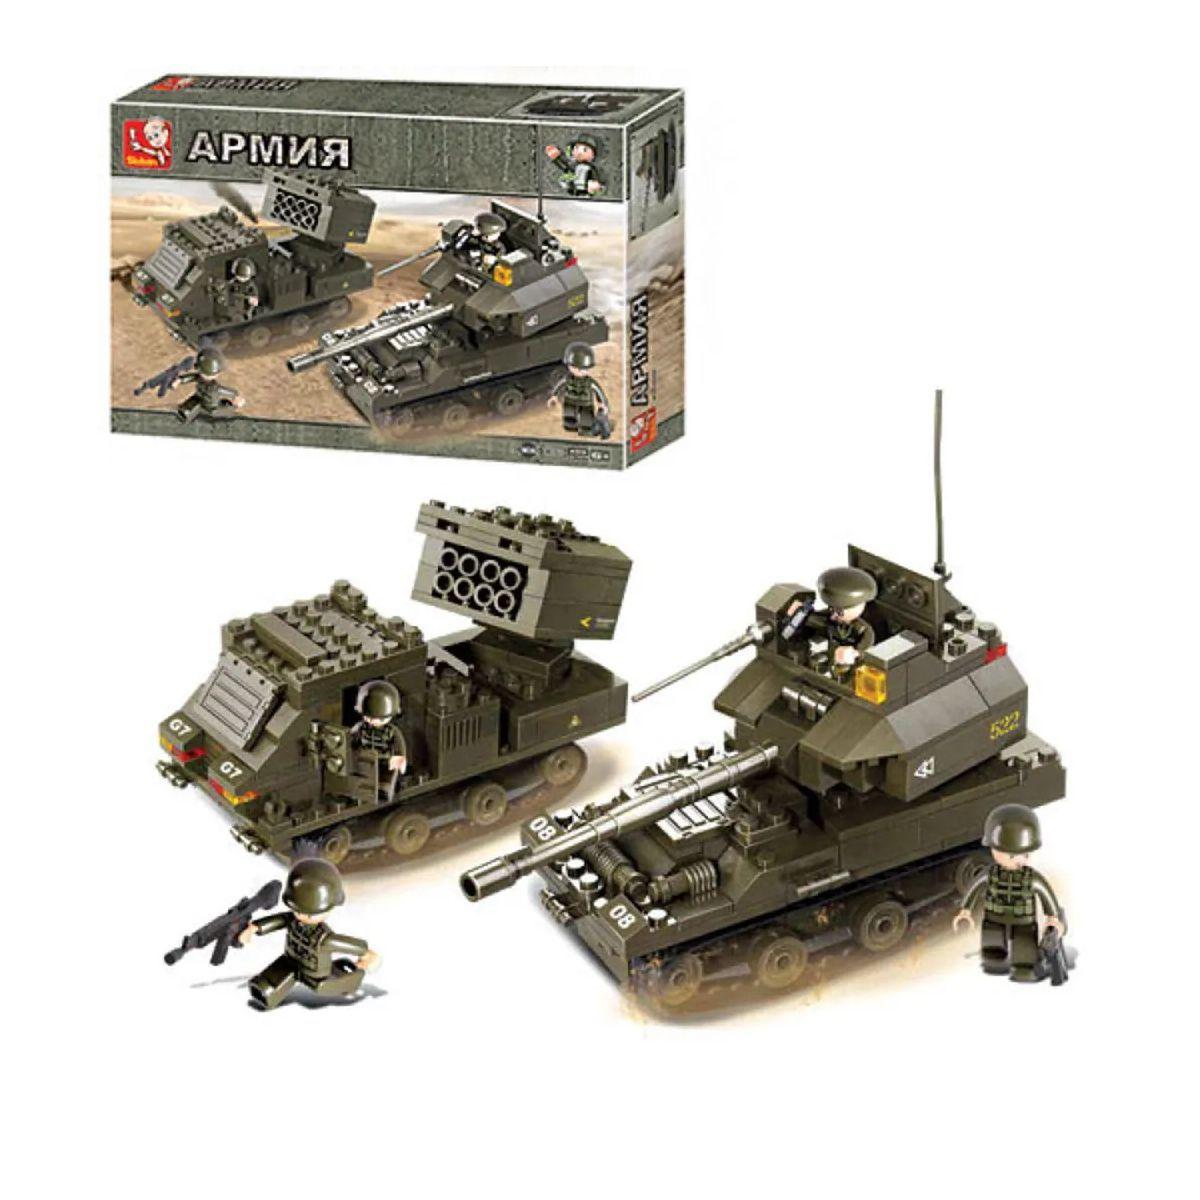 Blocos de Montar Compatível Lego Esquadrão Anti-Bomba - BR909 - Multikids